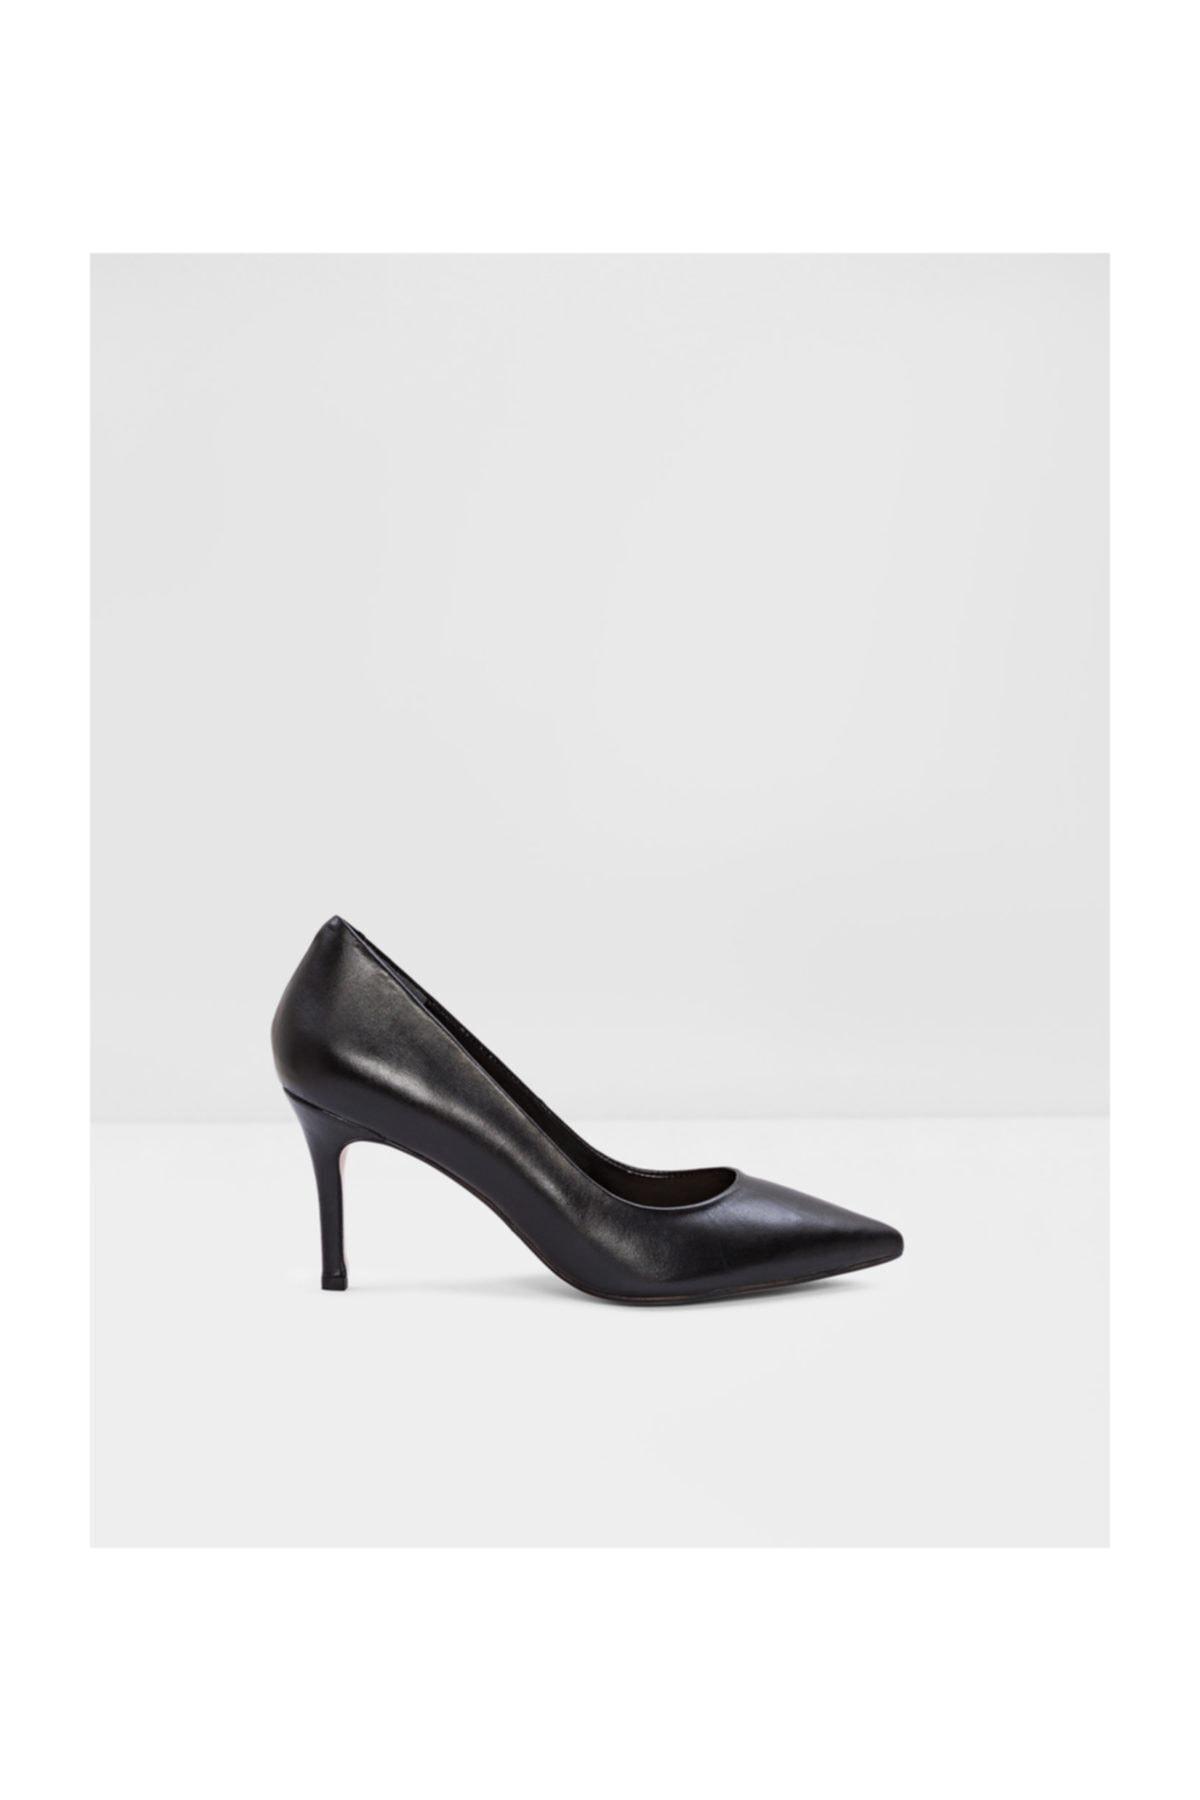 Aldo Kadın Siyah Topuklu Ayakkabı 2